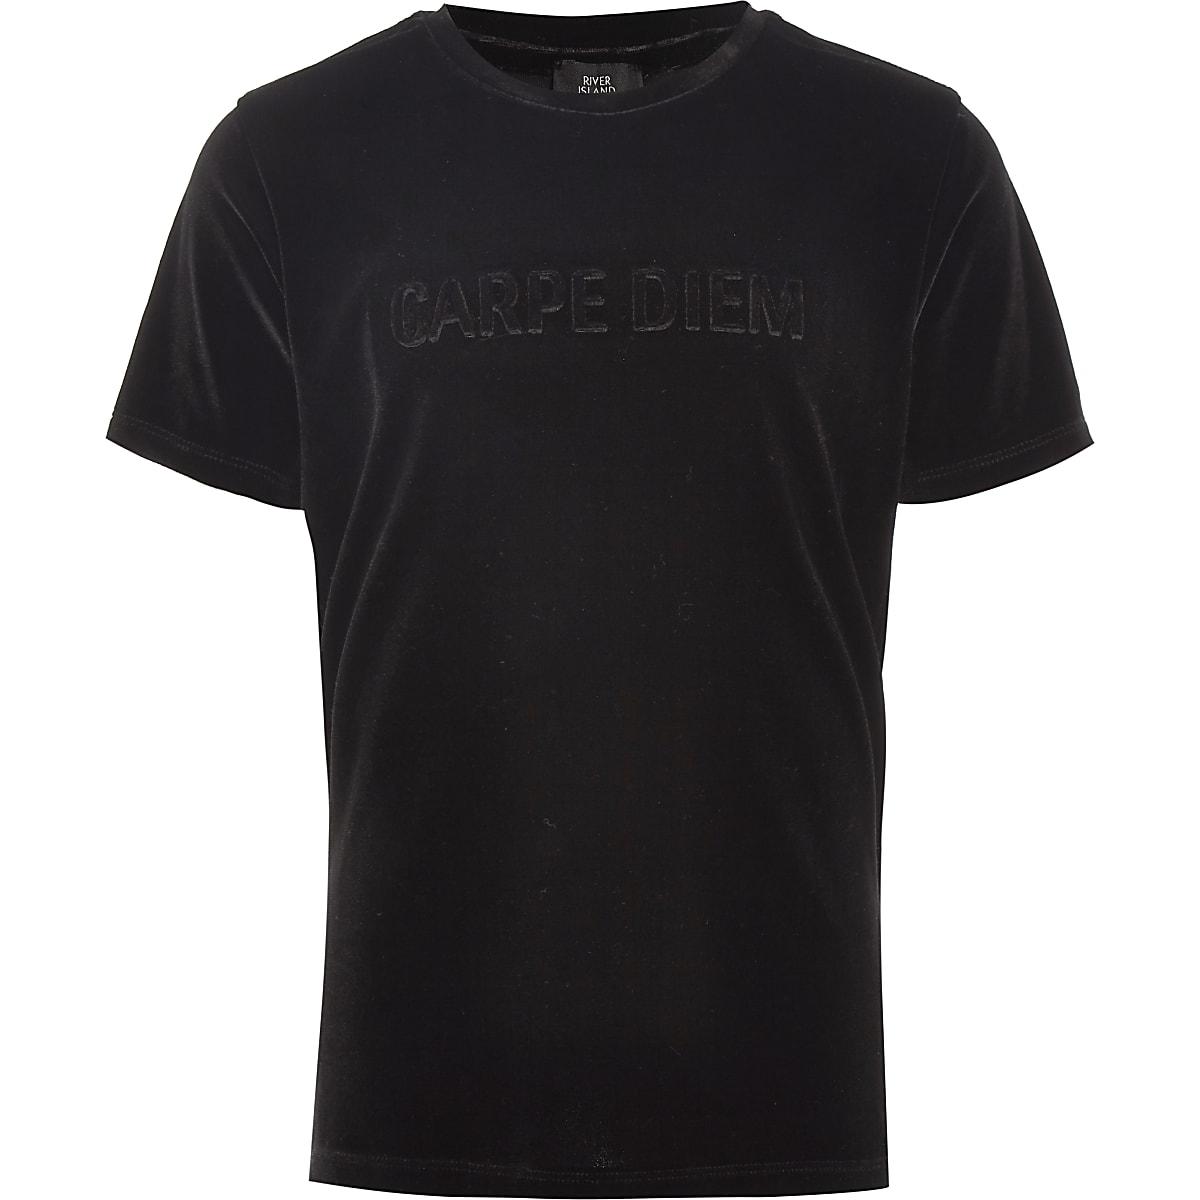 Boys black 'Carpe diem' velour T-shirt